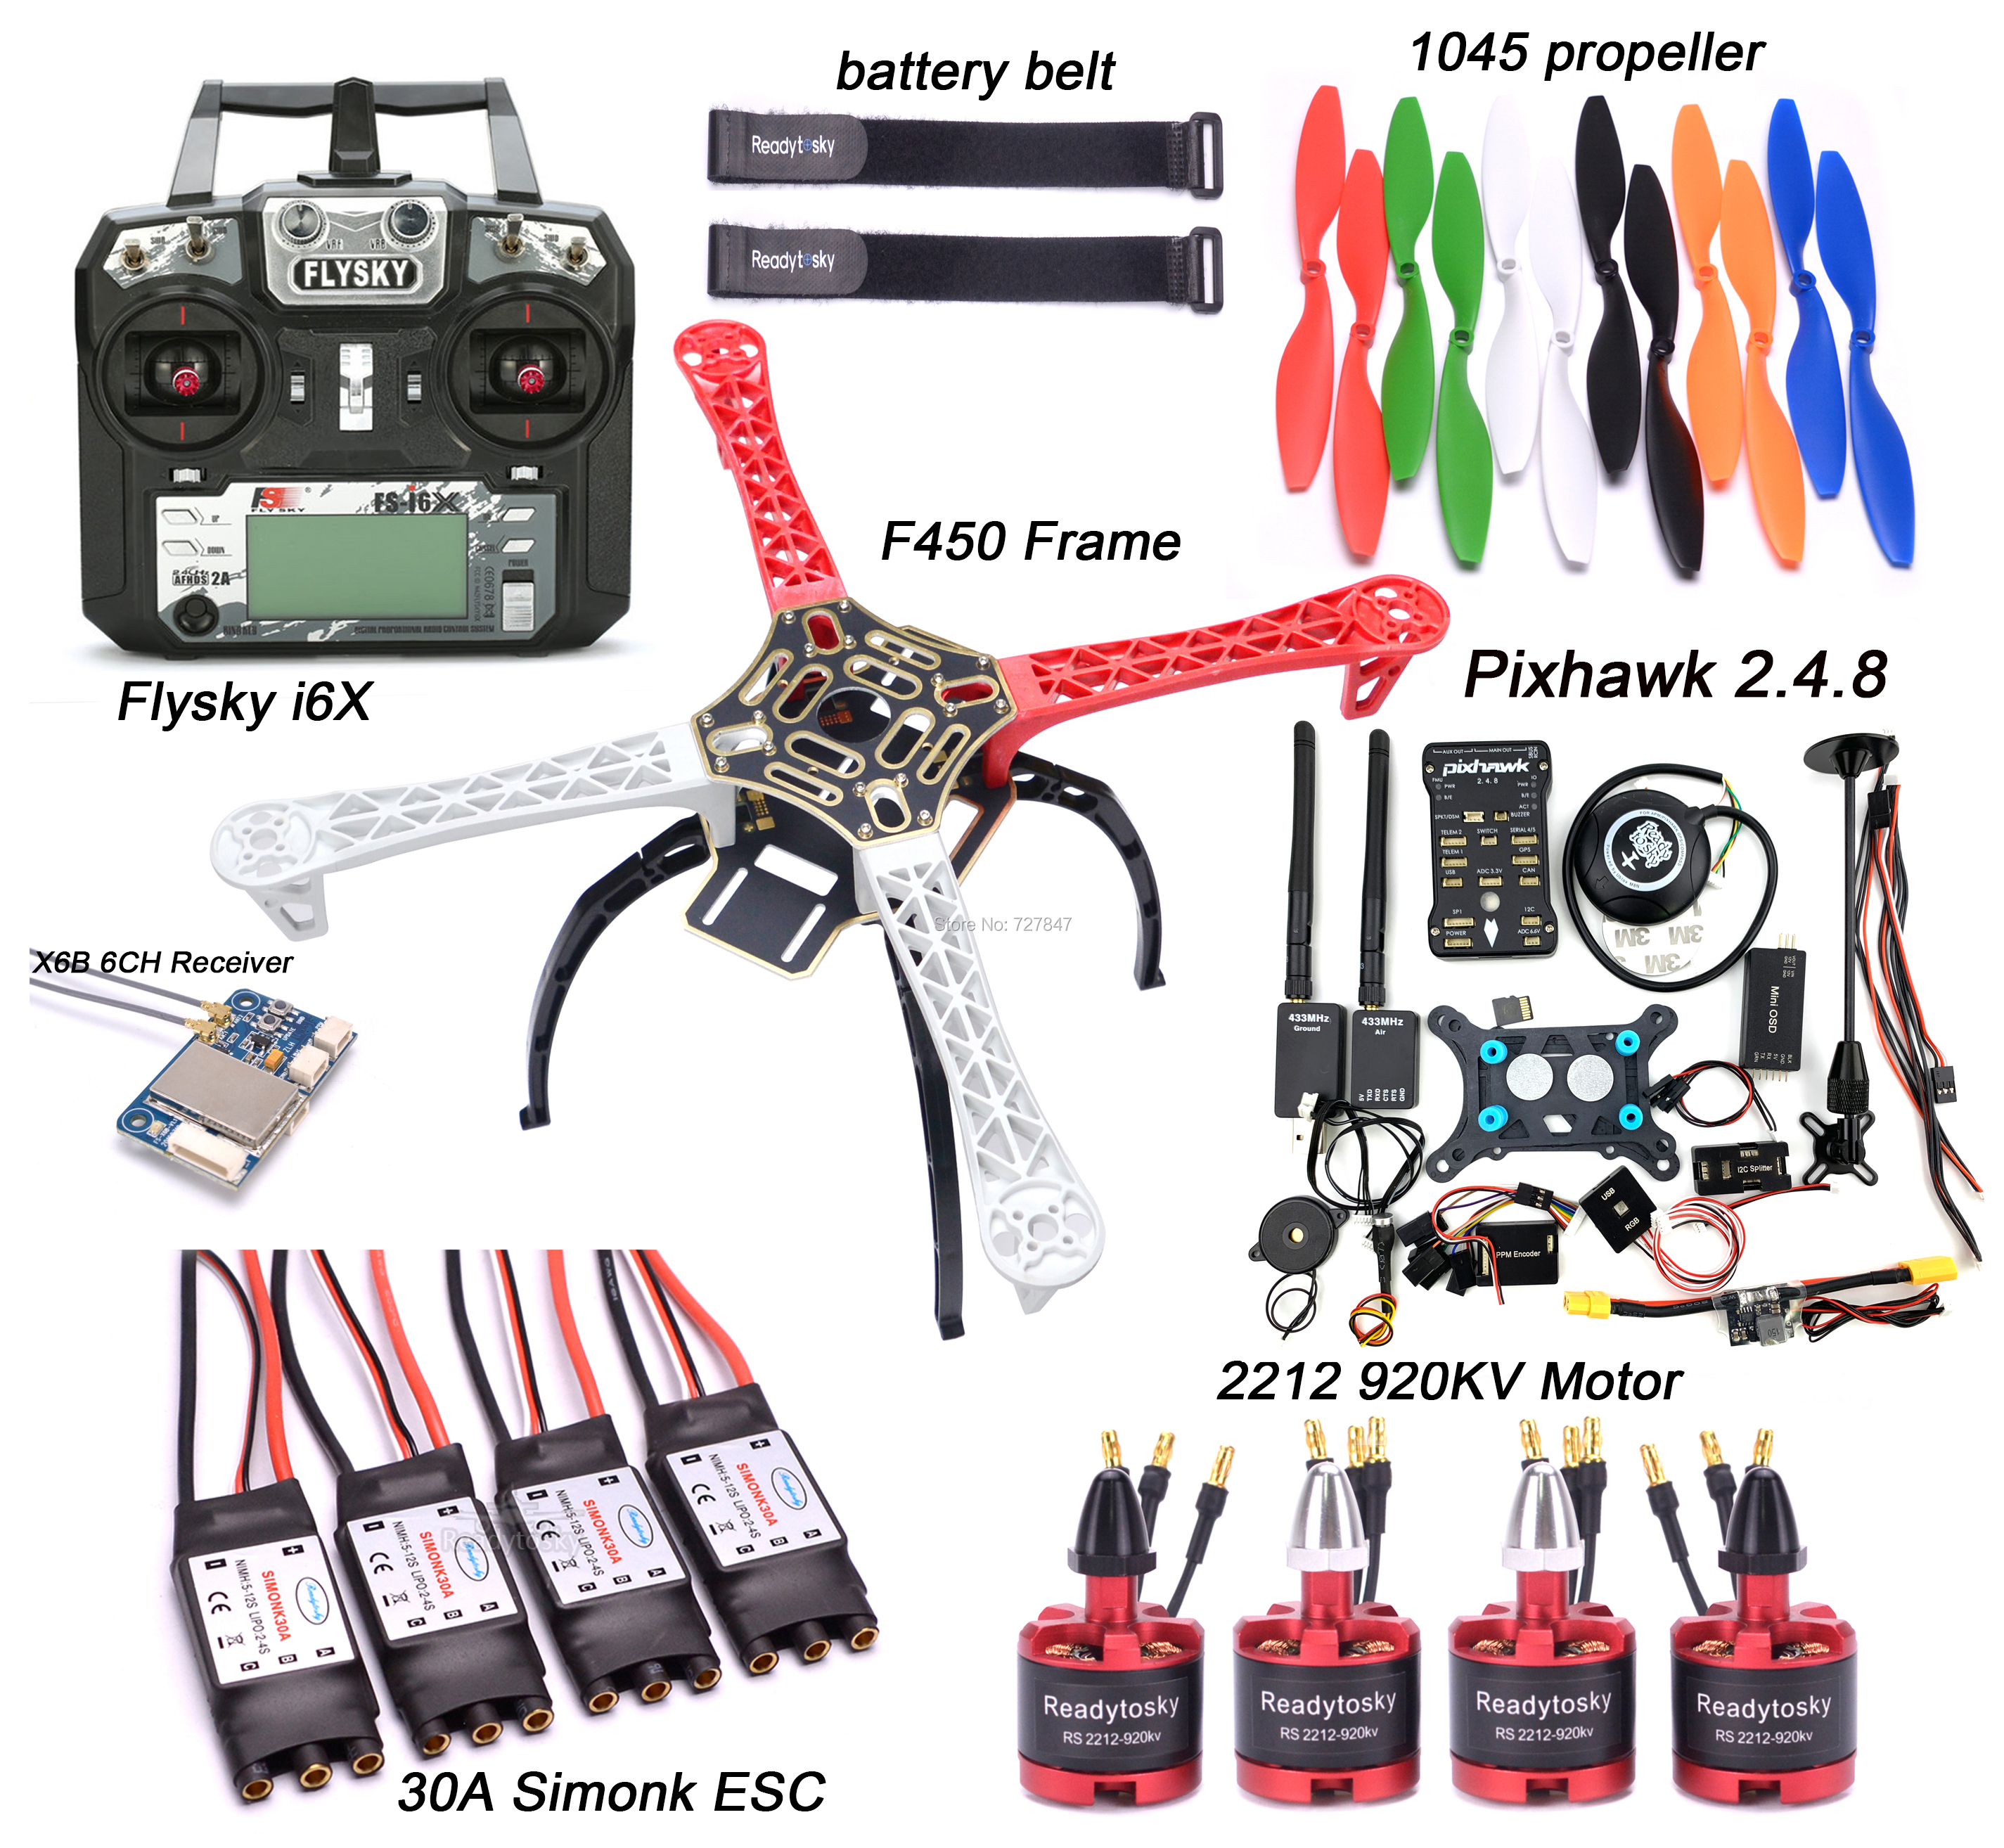 F450 450 milímetros Kit Quadro Quadcopter M8N 2.4.8 PIXHAWK Flight control GPS 30A Simonk Brushless Motor ESC 2212 920KV Flysky i6X + X6B